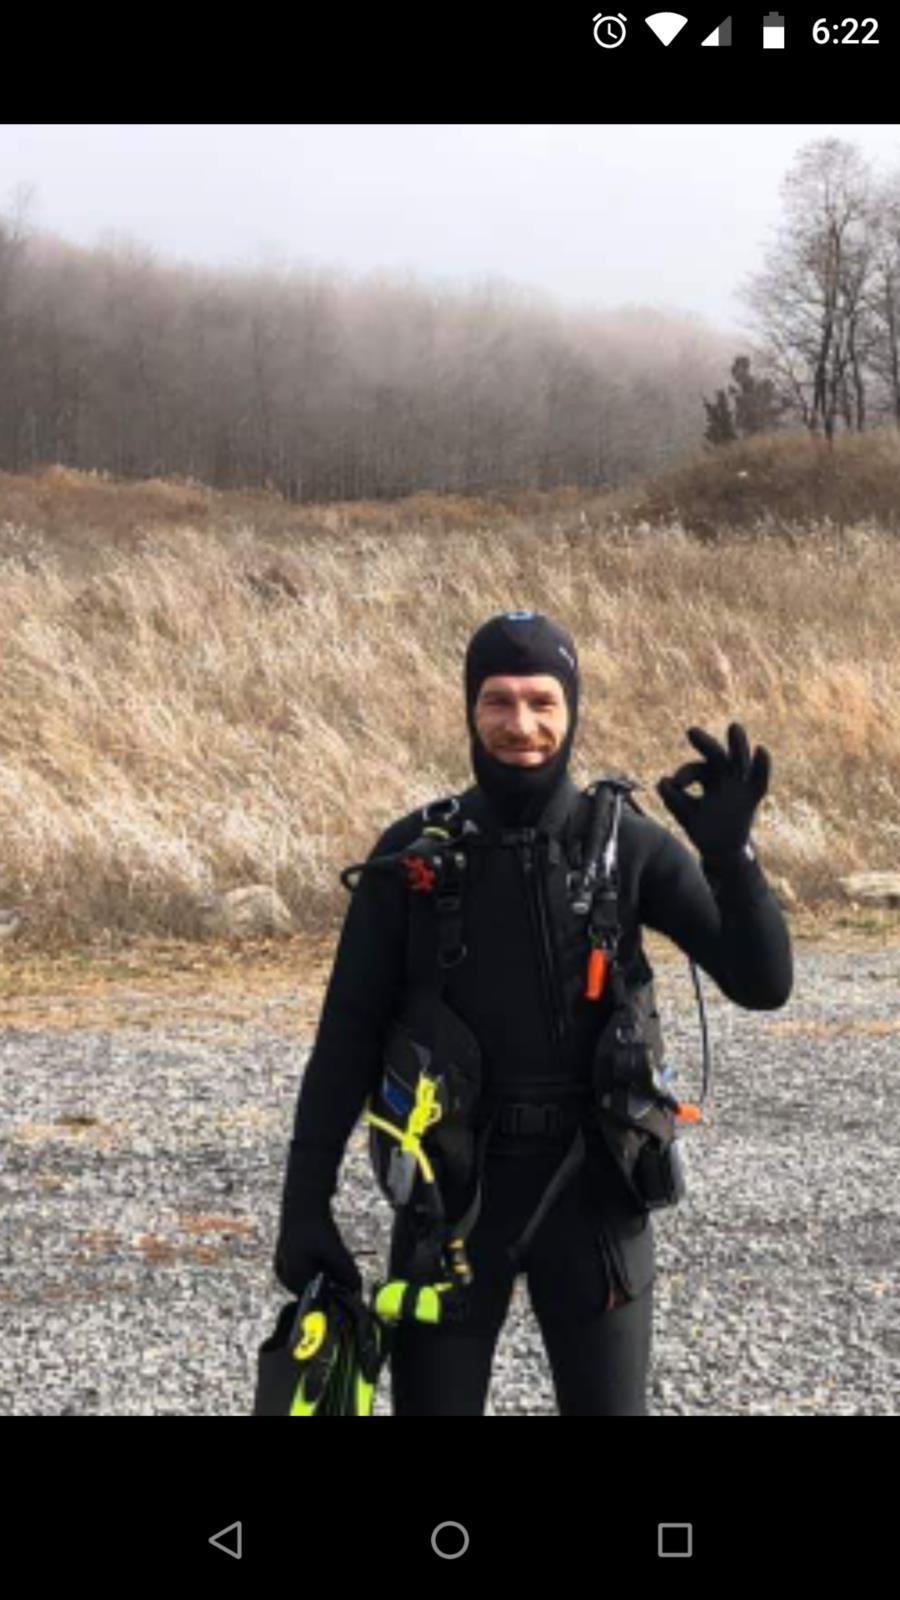 Final checkout dive